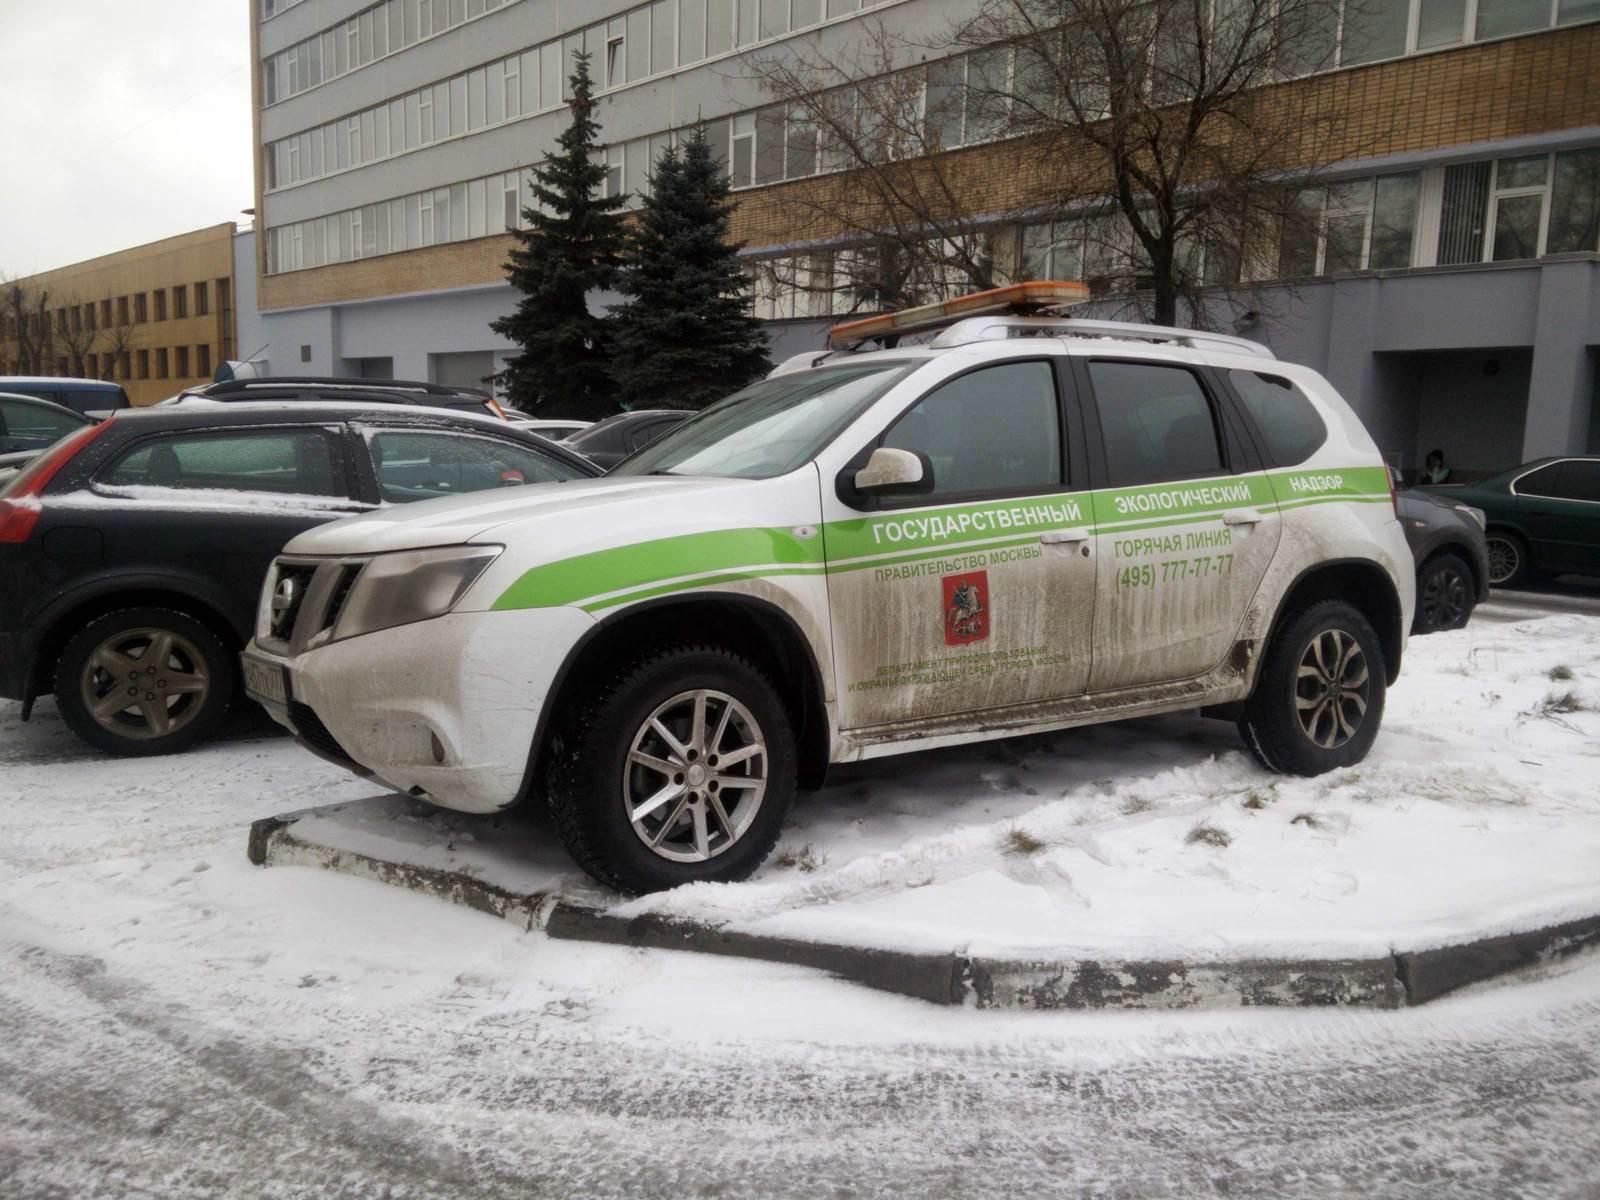 Экологичная парковка для экологического надзора